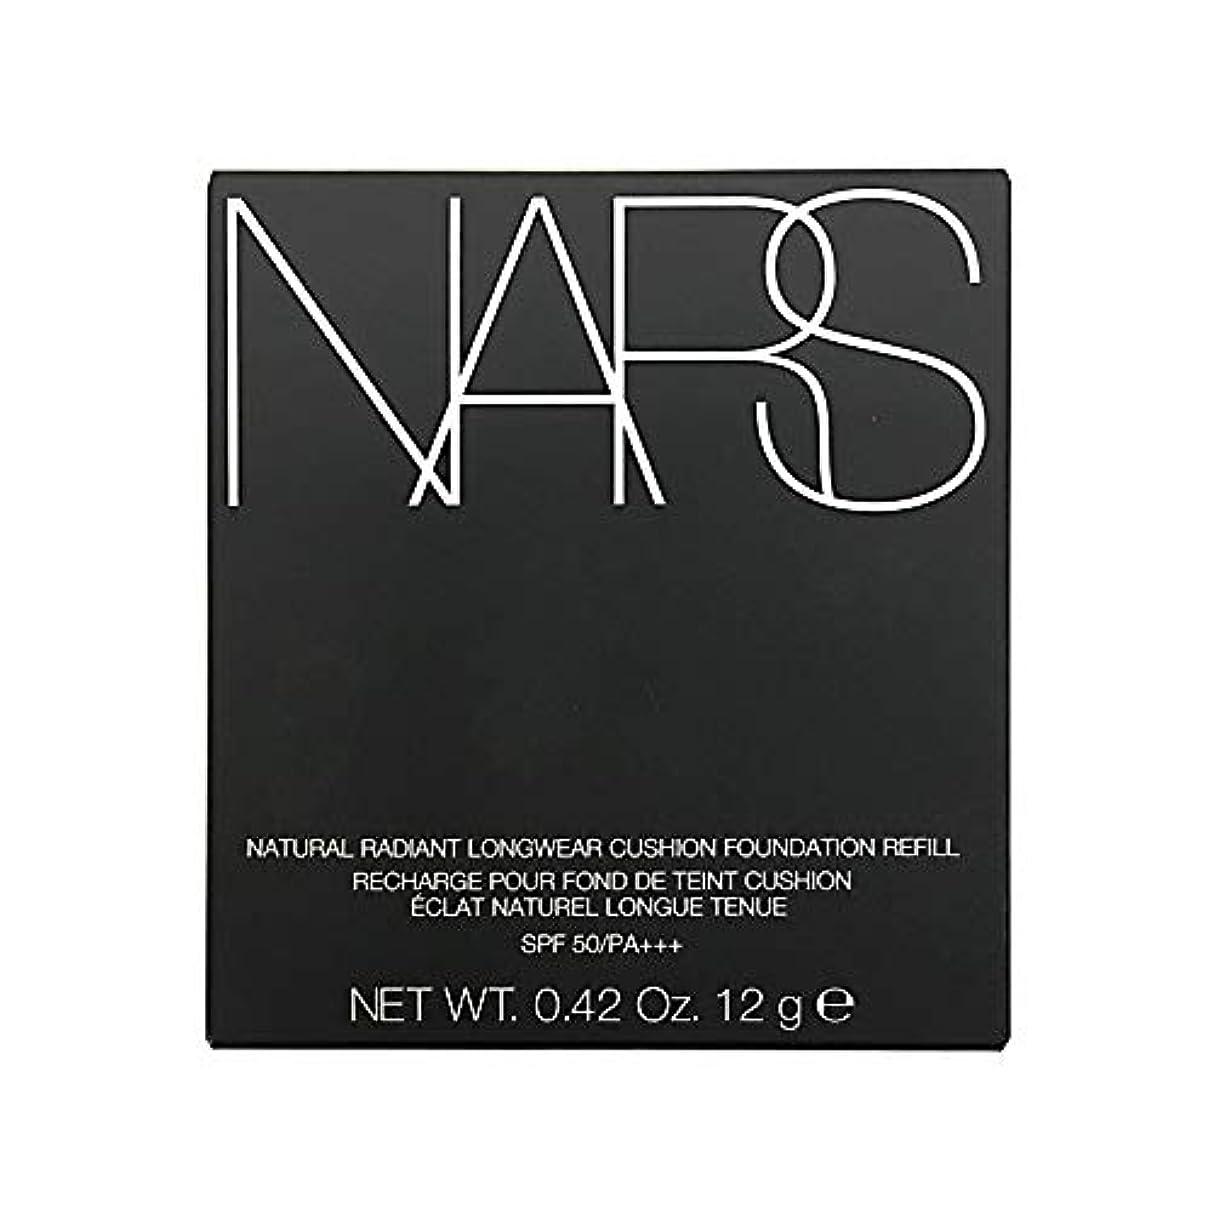 ペネロペ面積酸化物ナーズ/NARS ナチュラルラディアント ロングウェア クッションファンデーション(レフィル)#5878 [ クッションファンデ ] [並行輸入品]